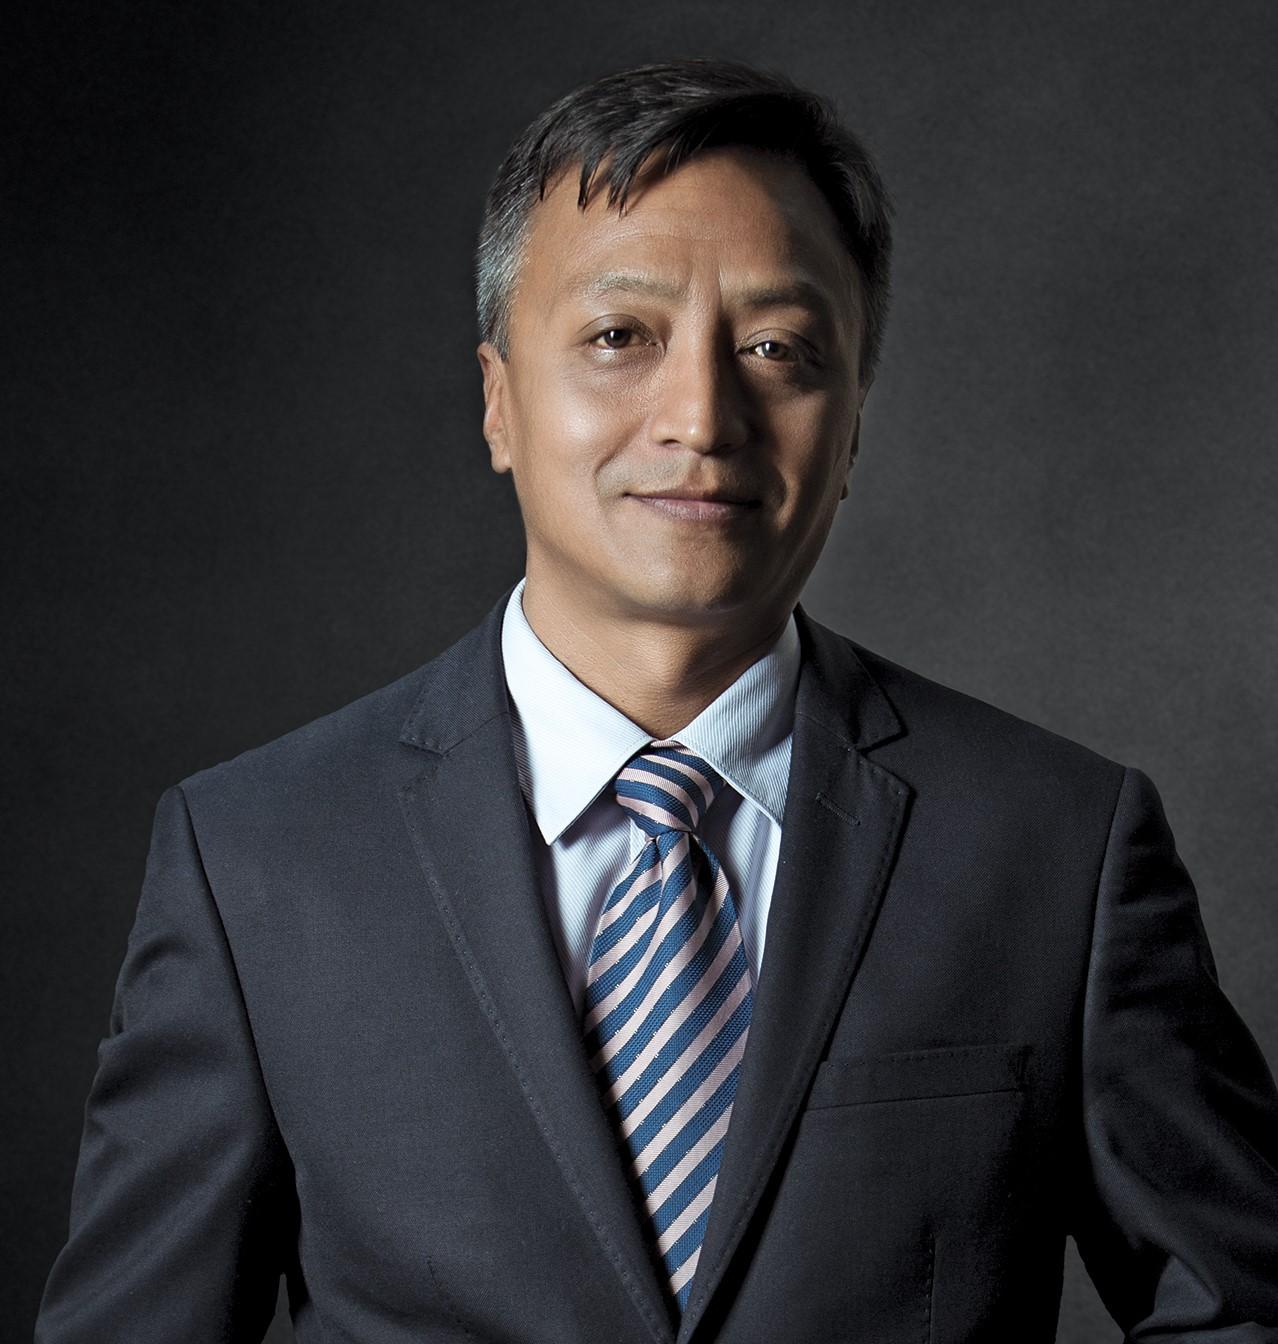 Jugesh Shrestha